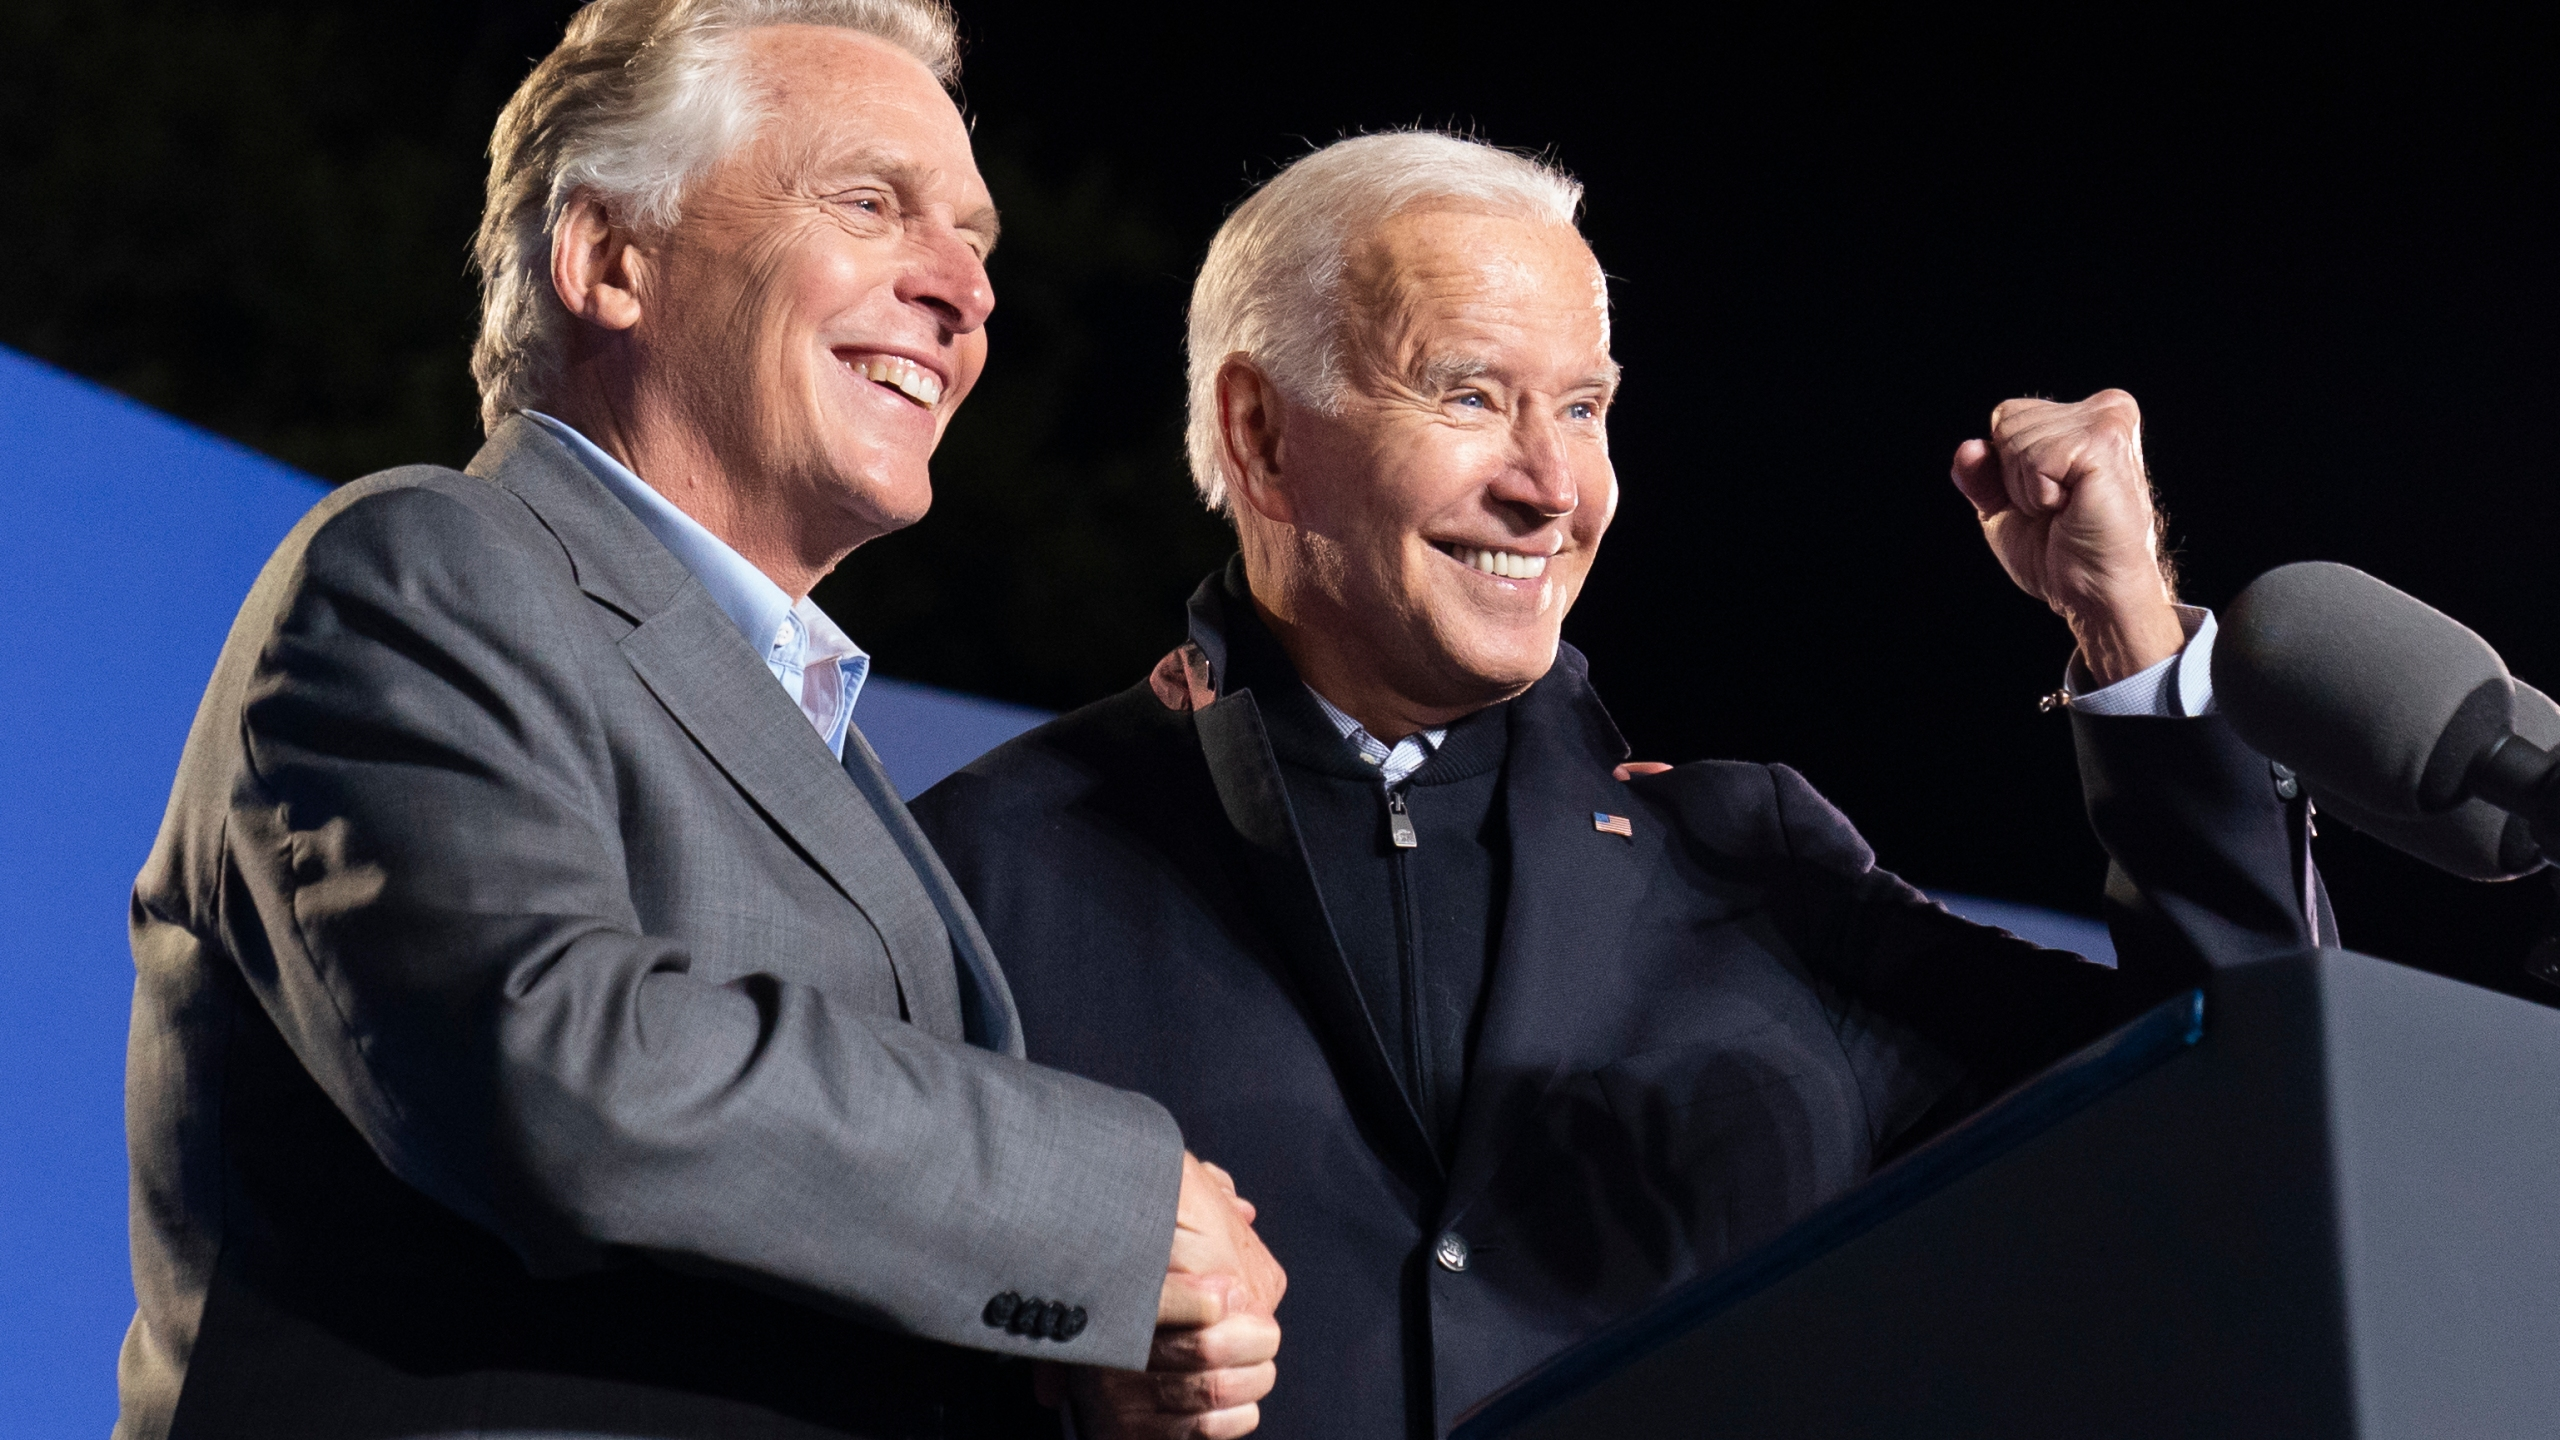 Joe Biden, Terry McAuliffe